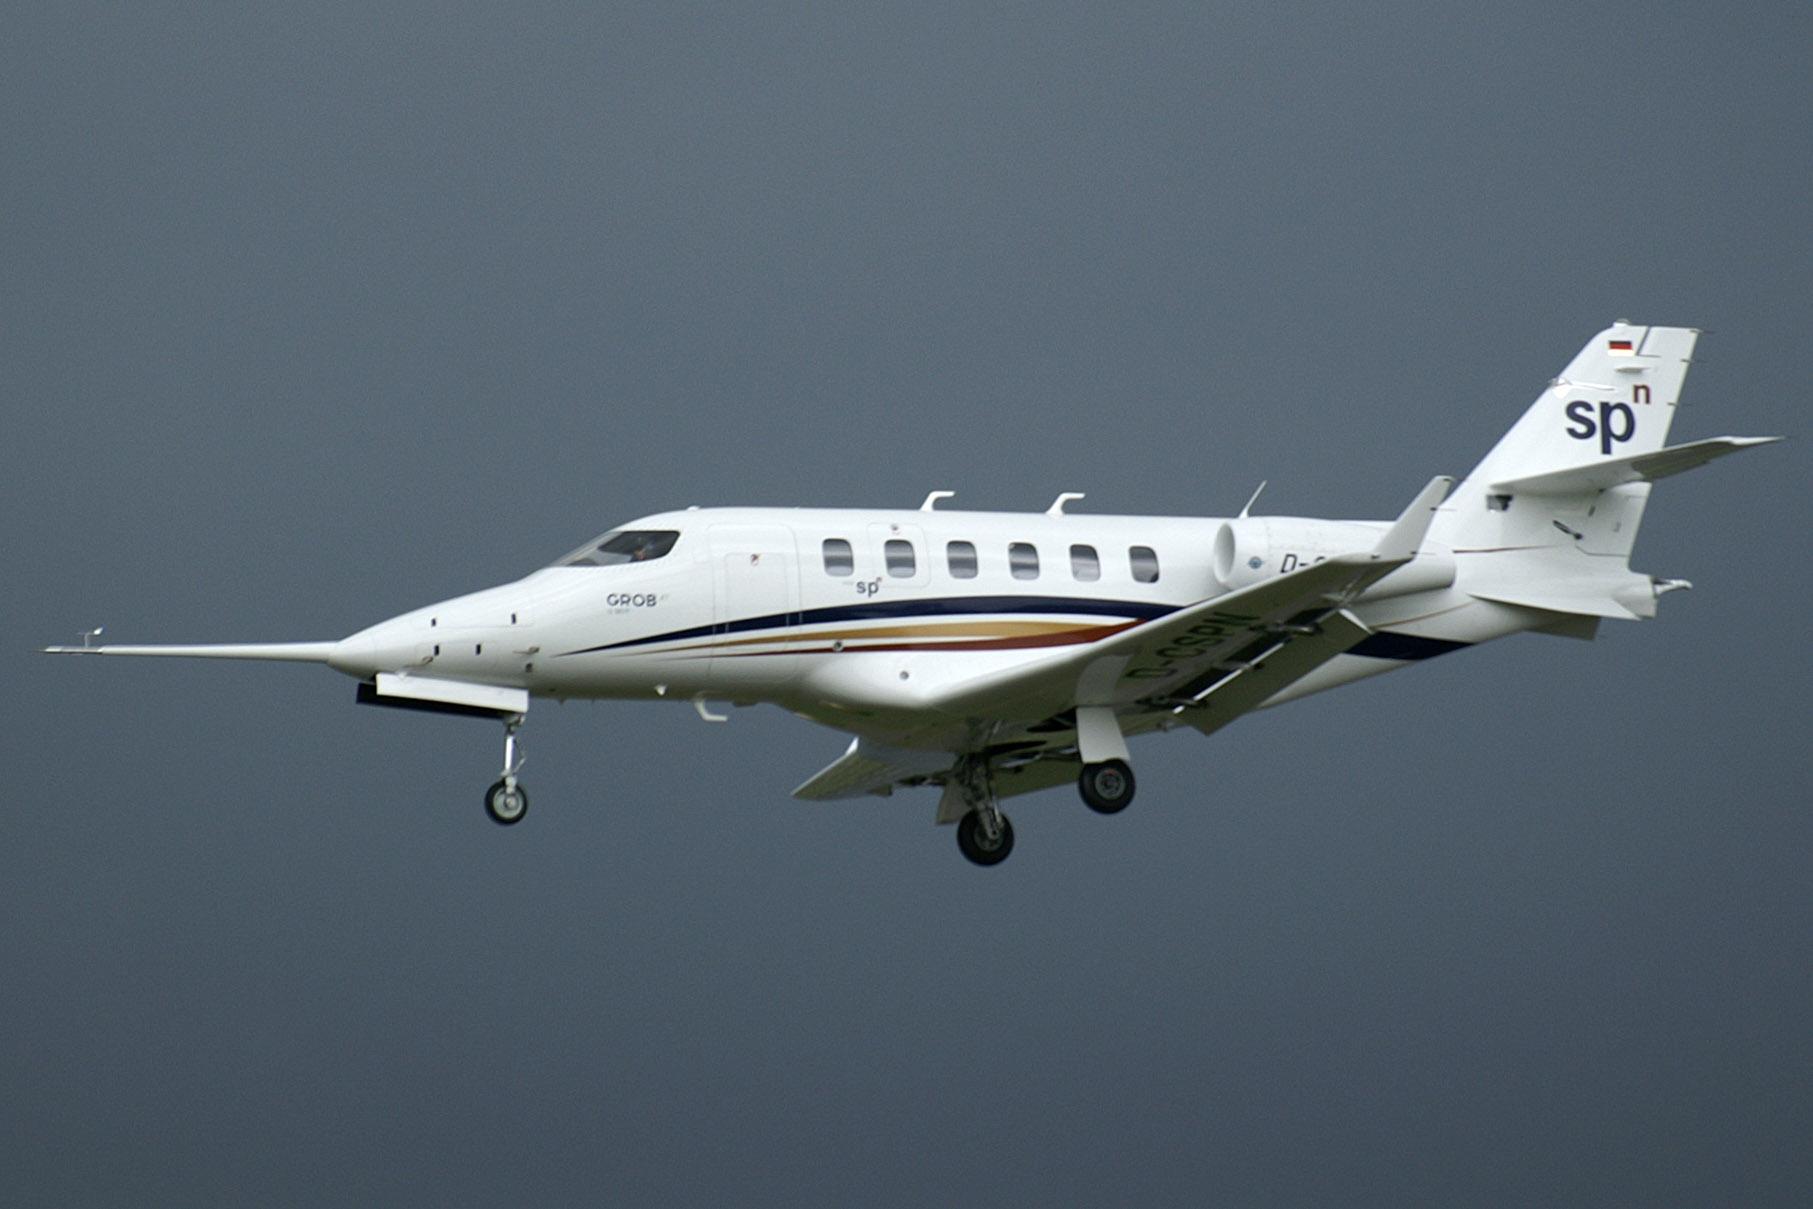 Grob_Aircraft_SPn_D-CSPN.jpg